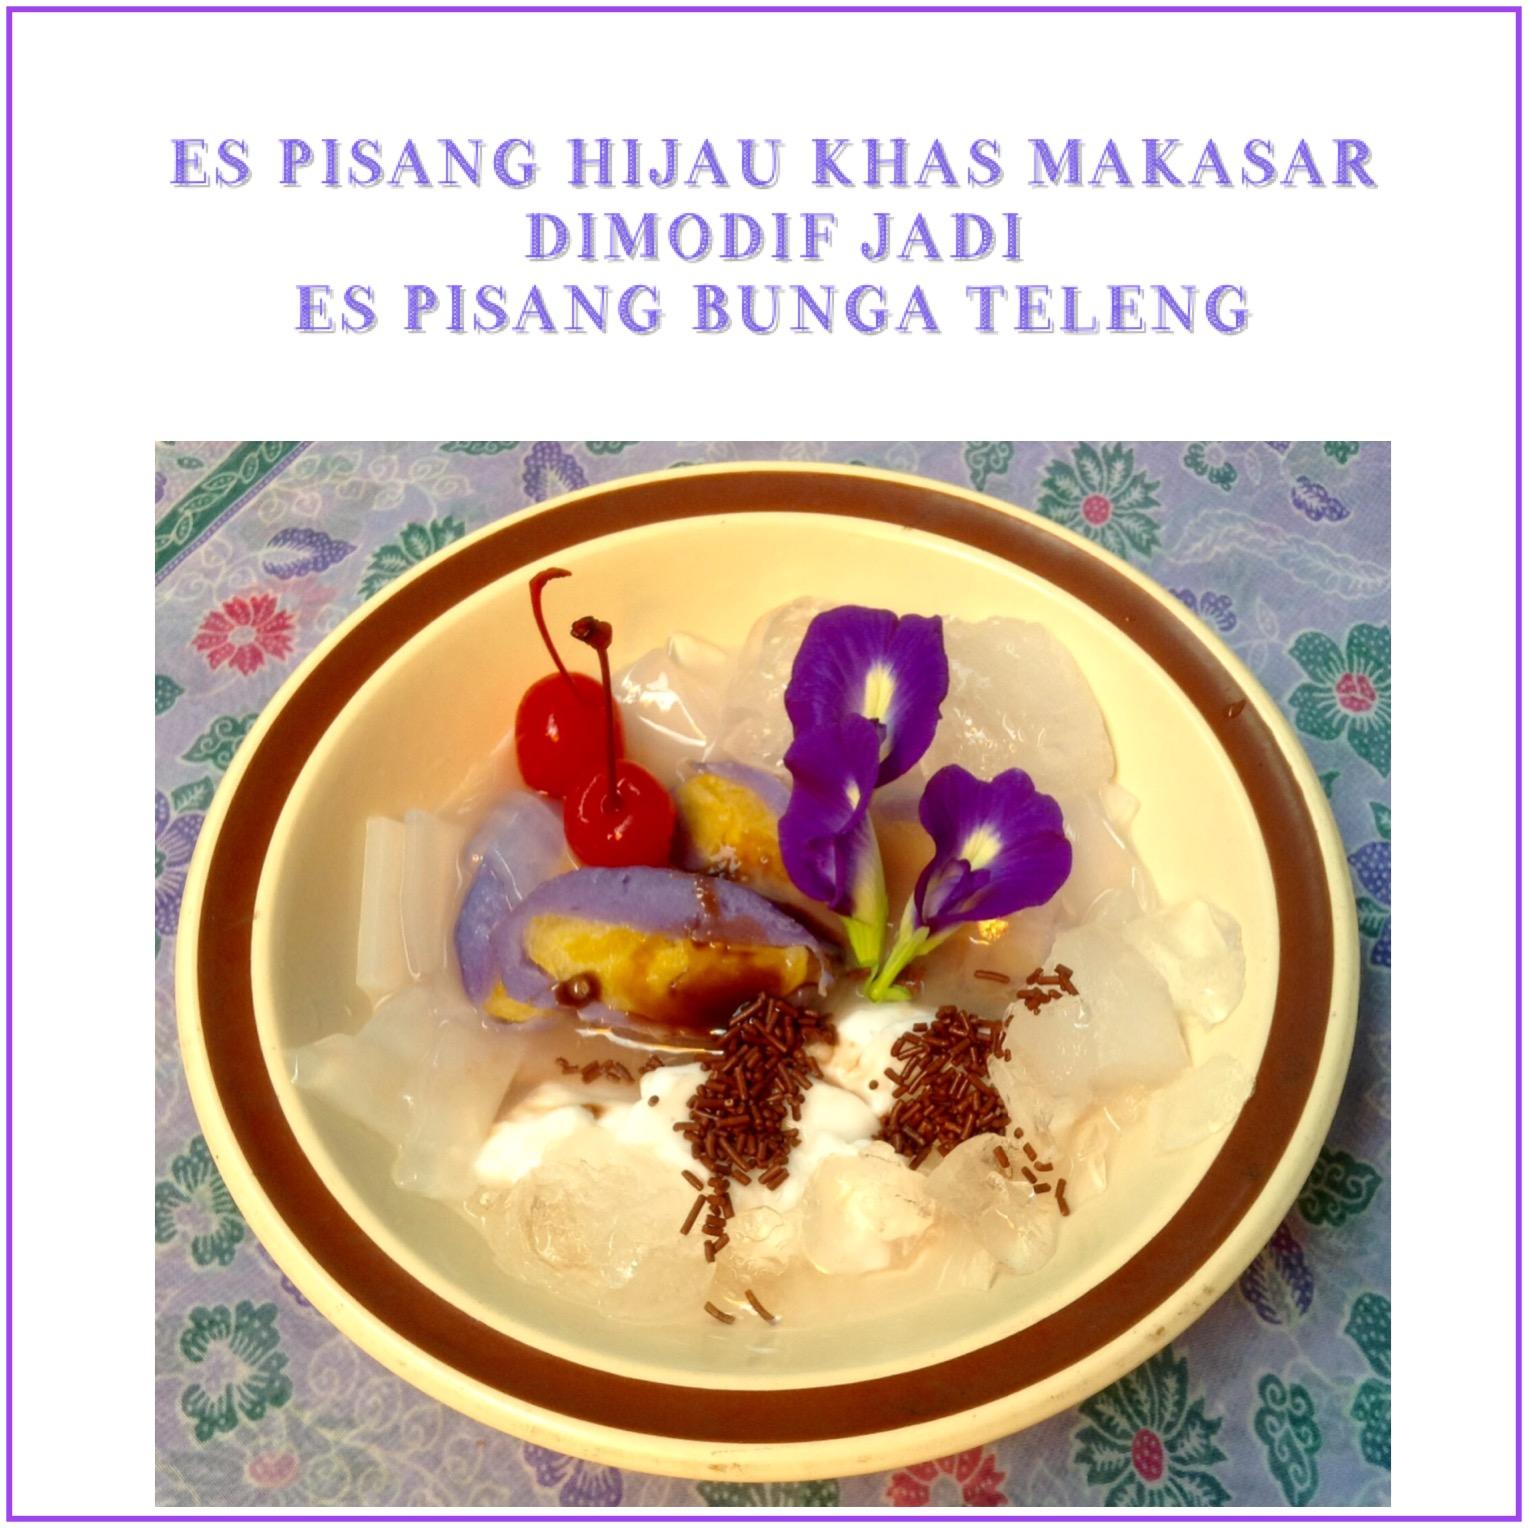 Resep Es Pisang Khas Makassar Bunga Teleng